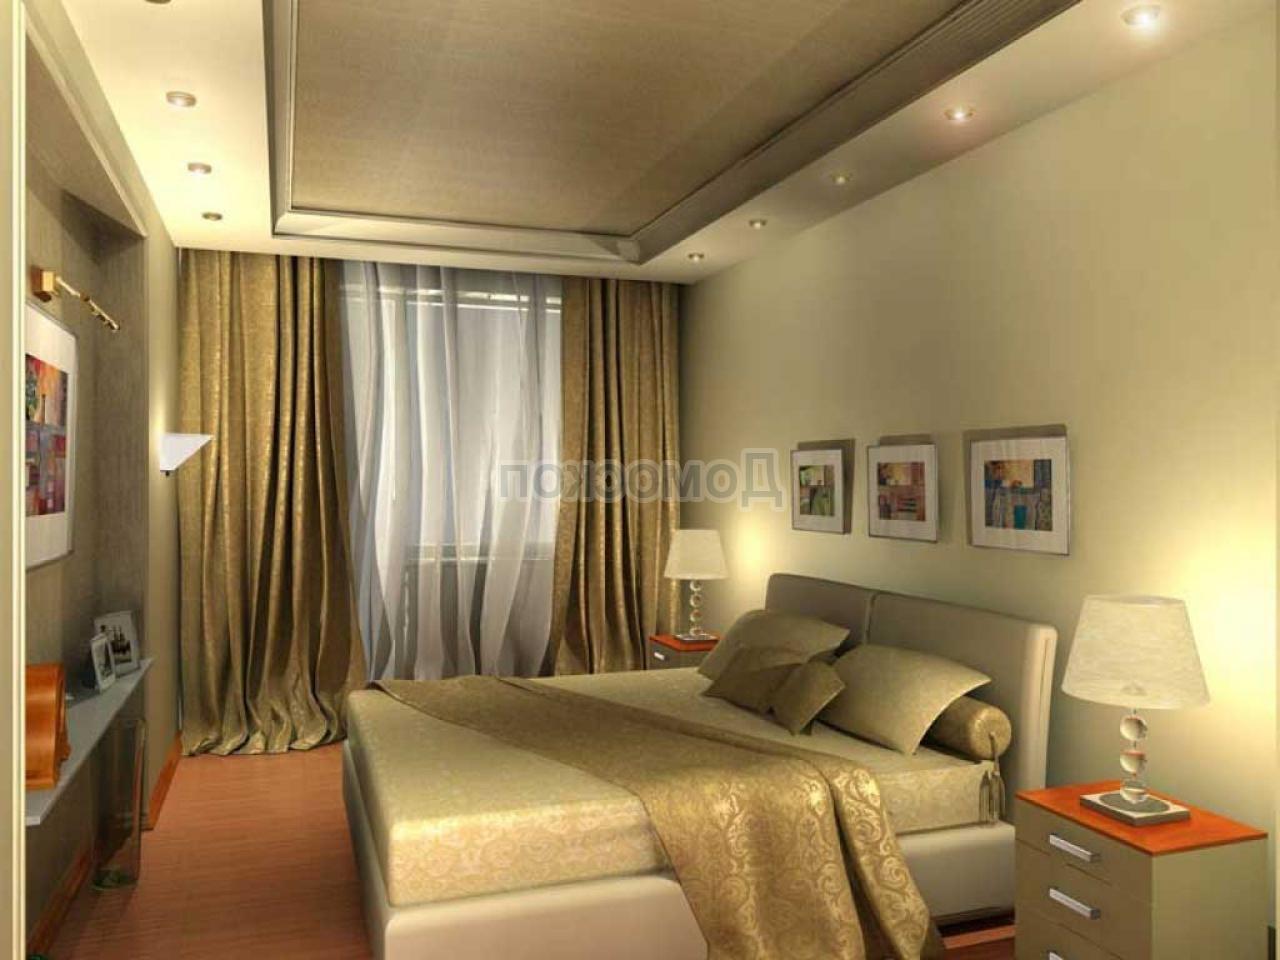 Дизайн интерьера узкой спальни: прямоугольной, угловой, 3х3,.